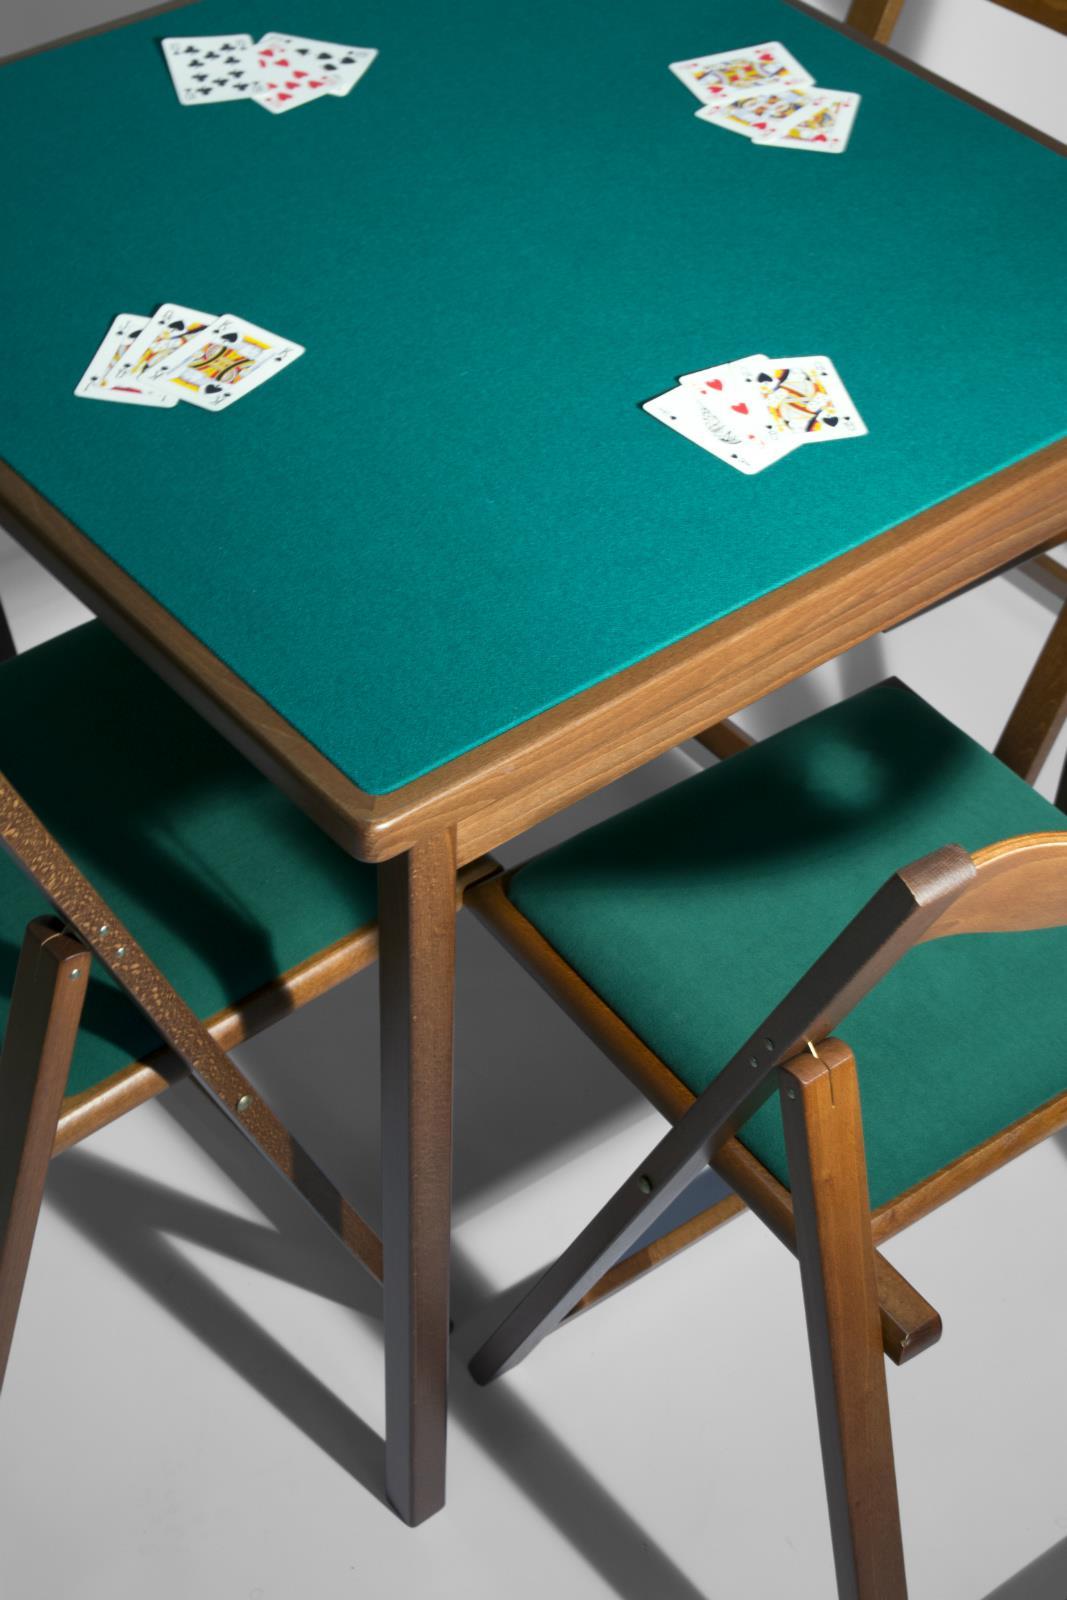 Tavolo da gioco classic fratelli del fabbro srl - Blokus gioco da tavolo ...